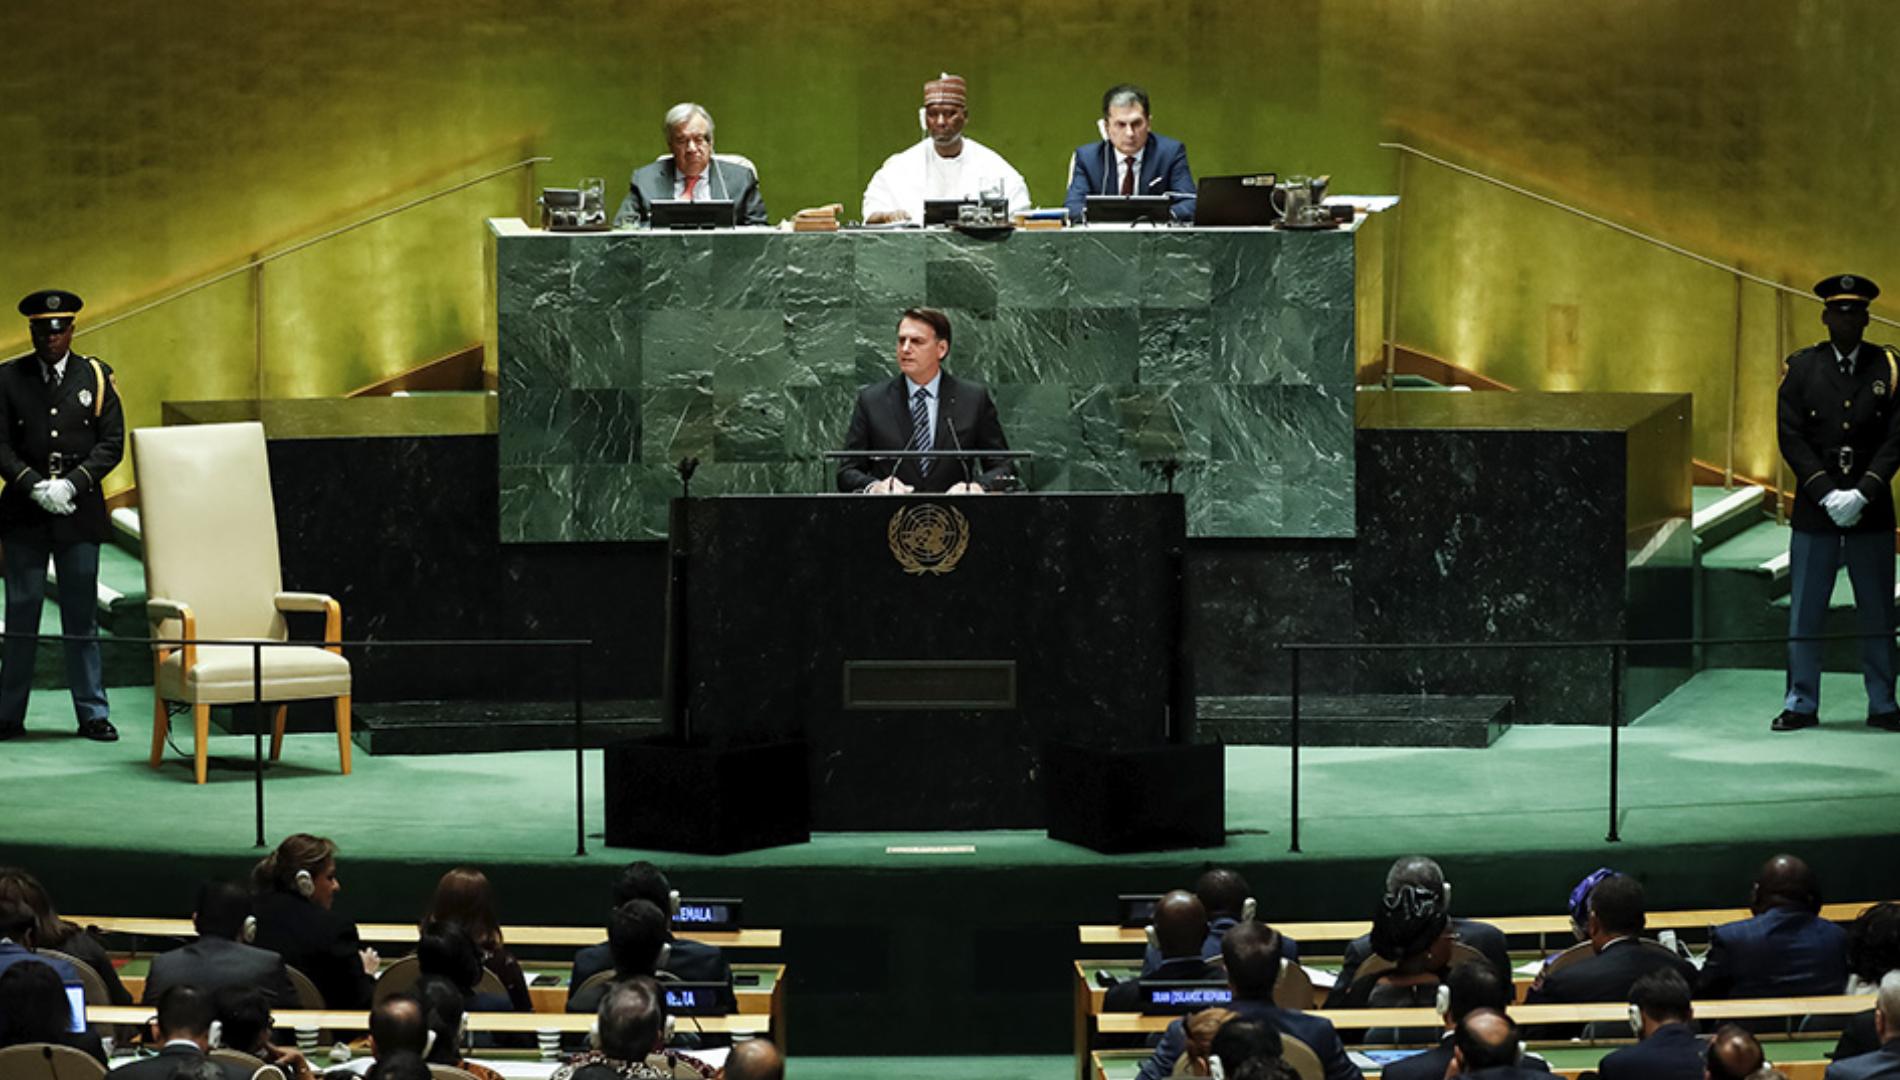 Assista ao discurso do presidente Jair Bolsonaro na abertura da 74ª Assembleia Geral das Nações Unidas